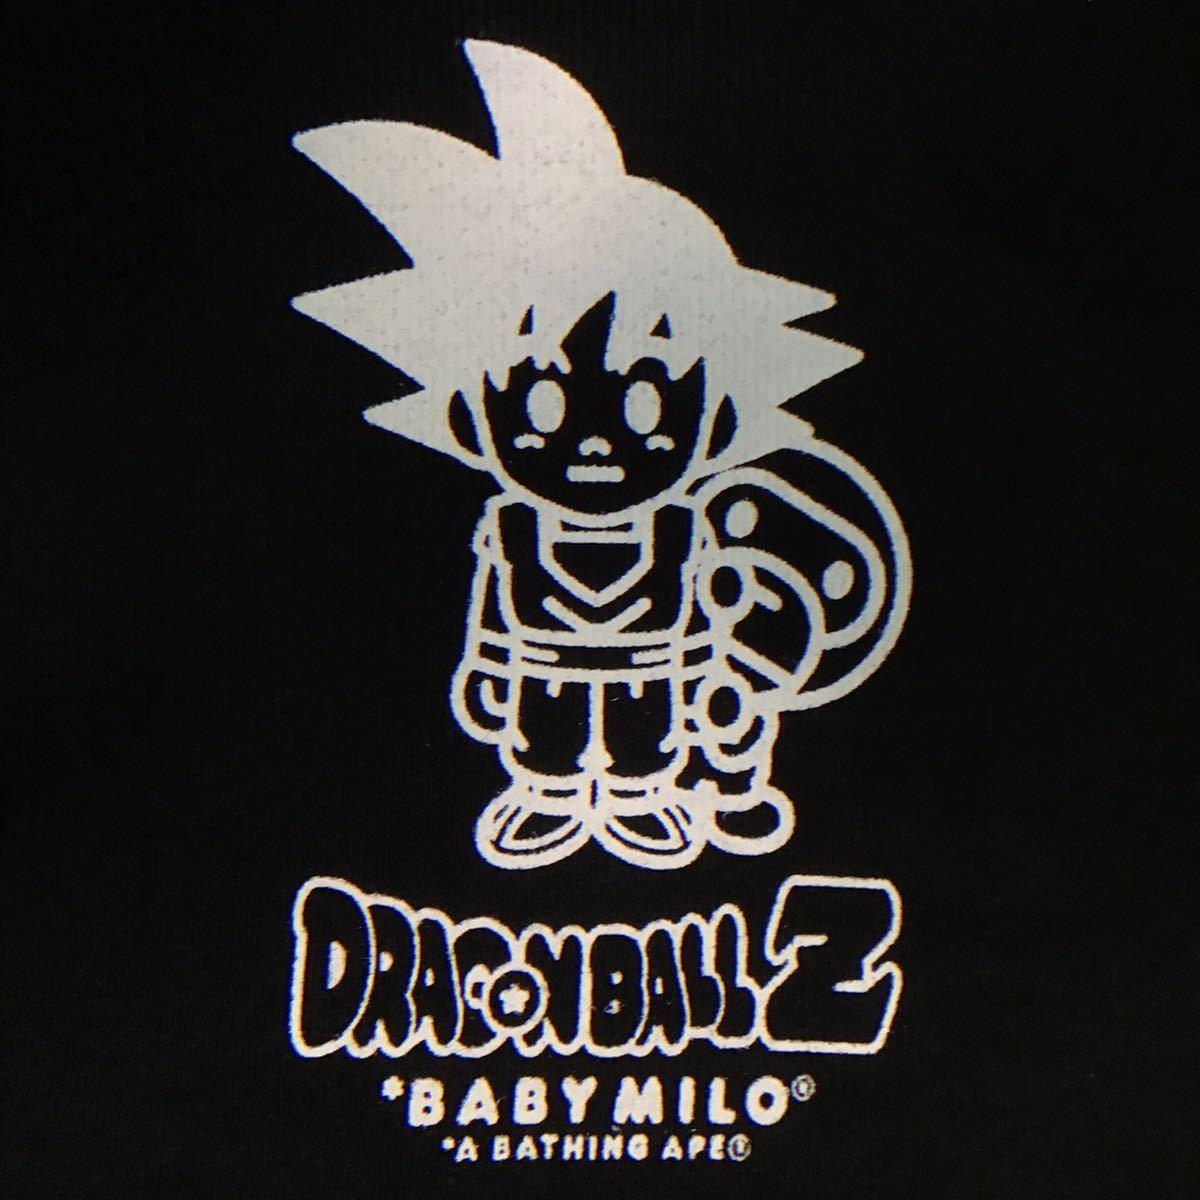 ★激レア★ ドラゴンボール Z × BAPE 長袖スウェット Sサイズ dragonball Z a bathing ape baby milo マイロ エイプ ベイプ 悟空 9085